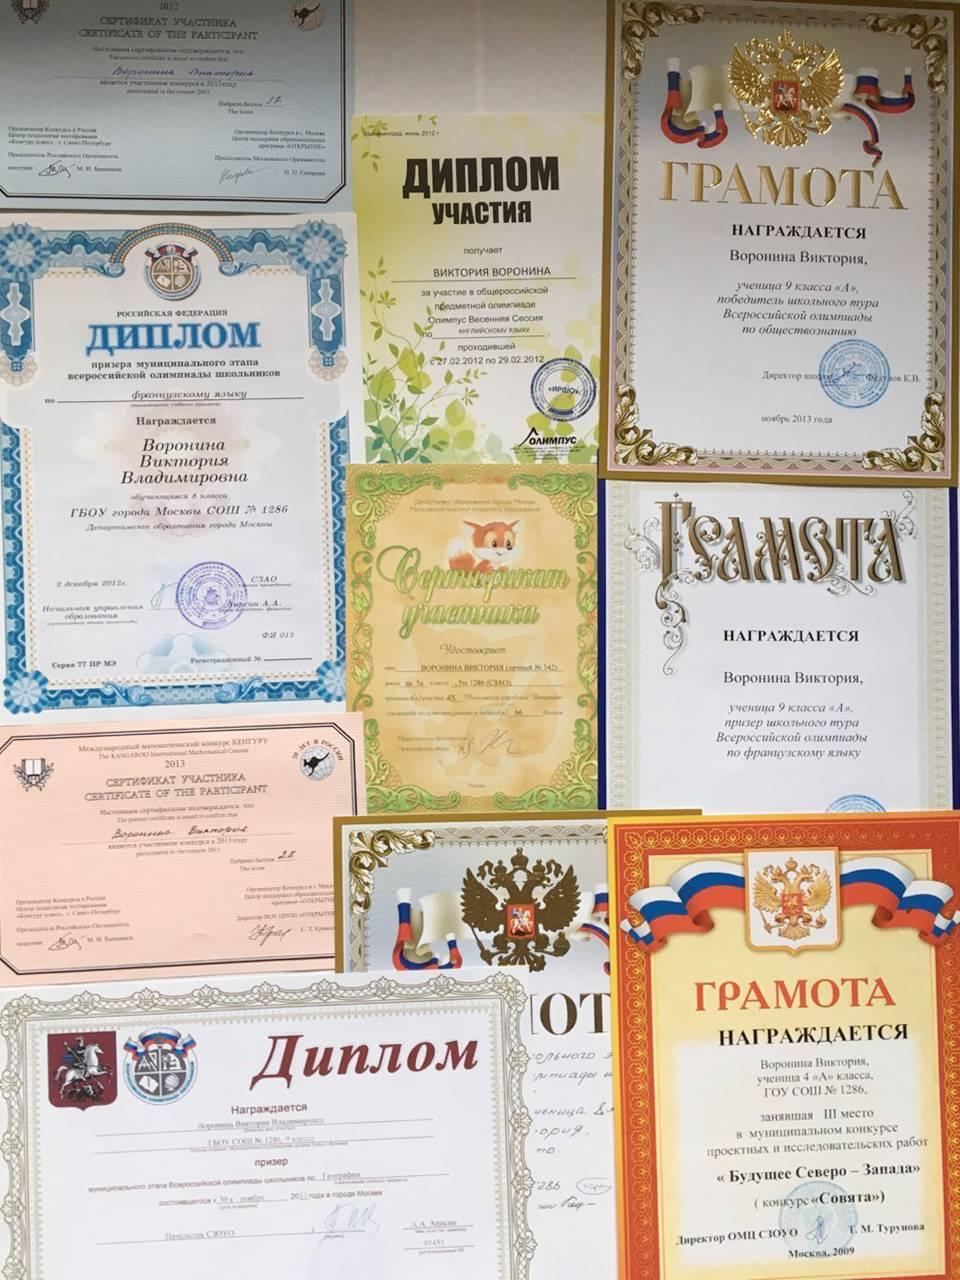 В школе нас награждали за участие в олимпиадах. Собирали в актовом зале и вручали поздравления на красивых бумажках